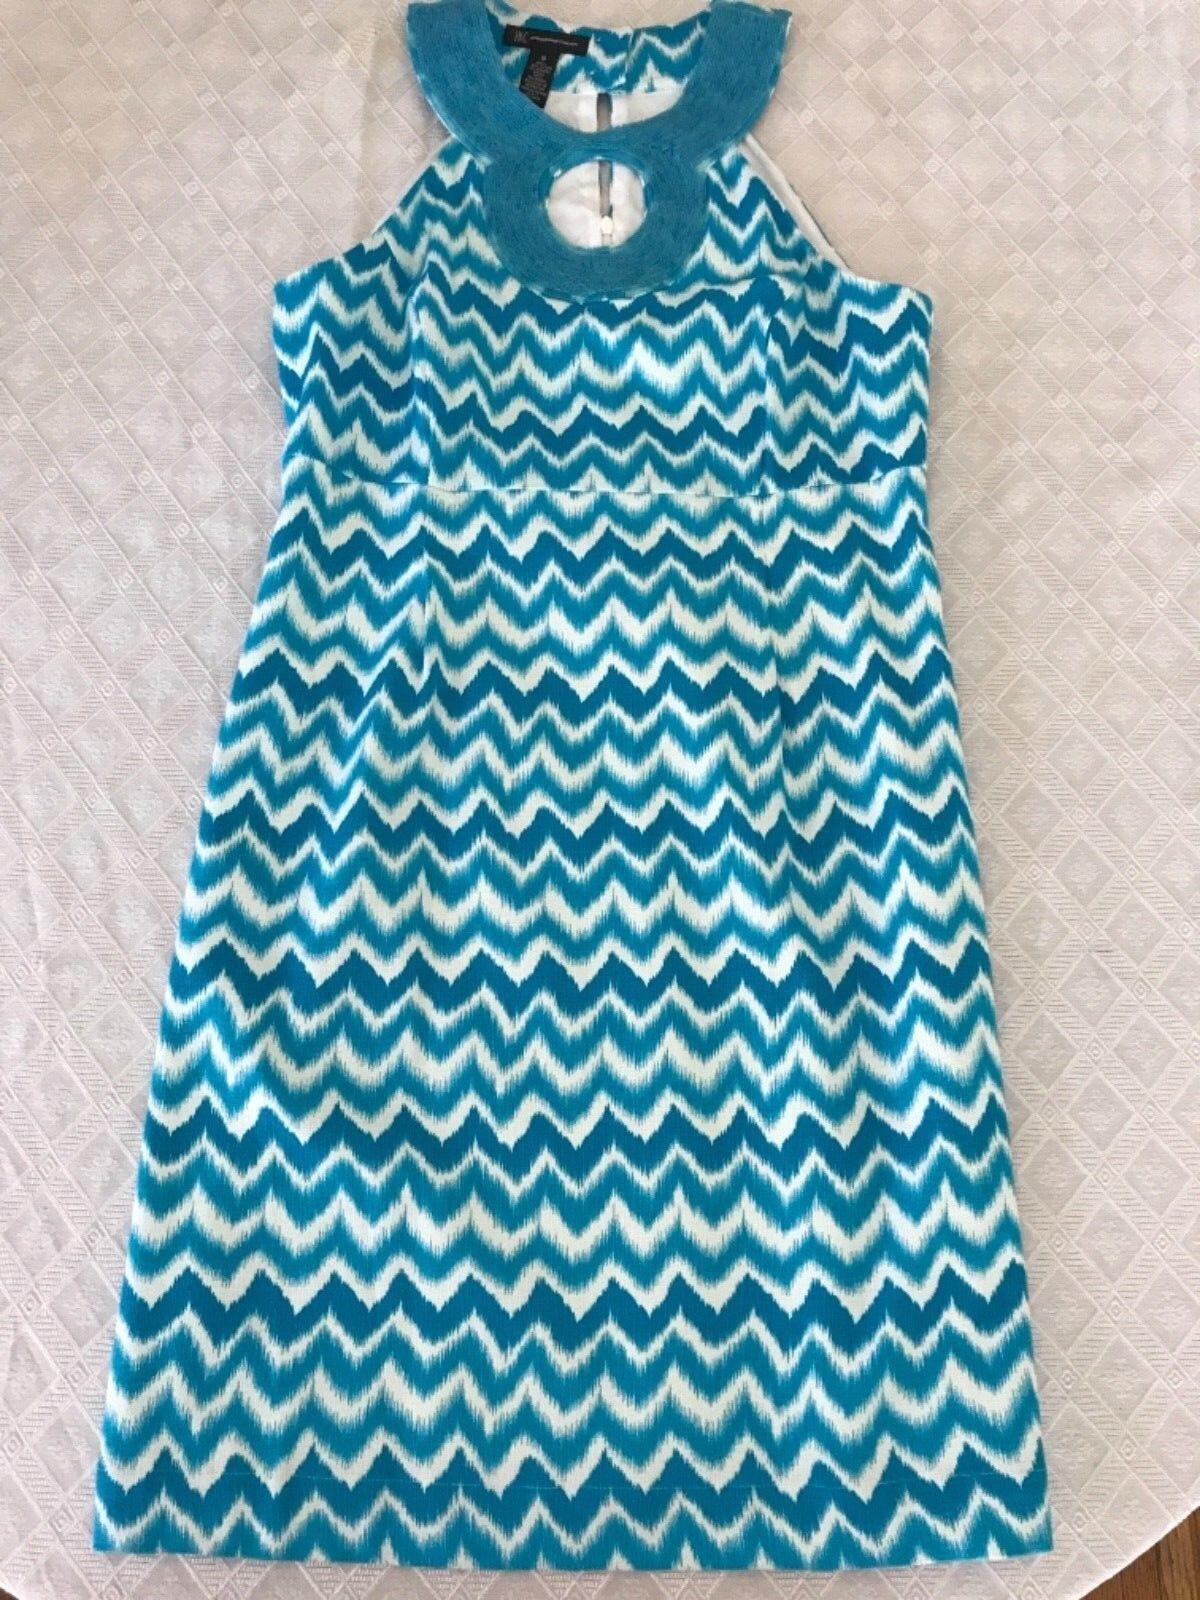 NWOT Women's INC bluee white sleeveless beaded dress sz 10